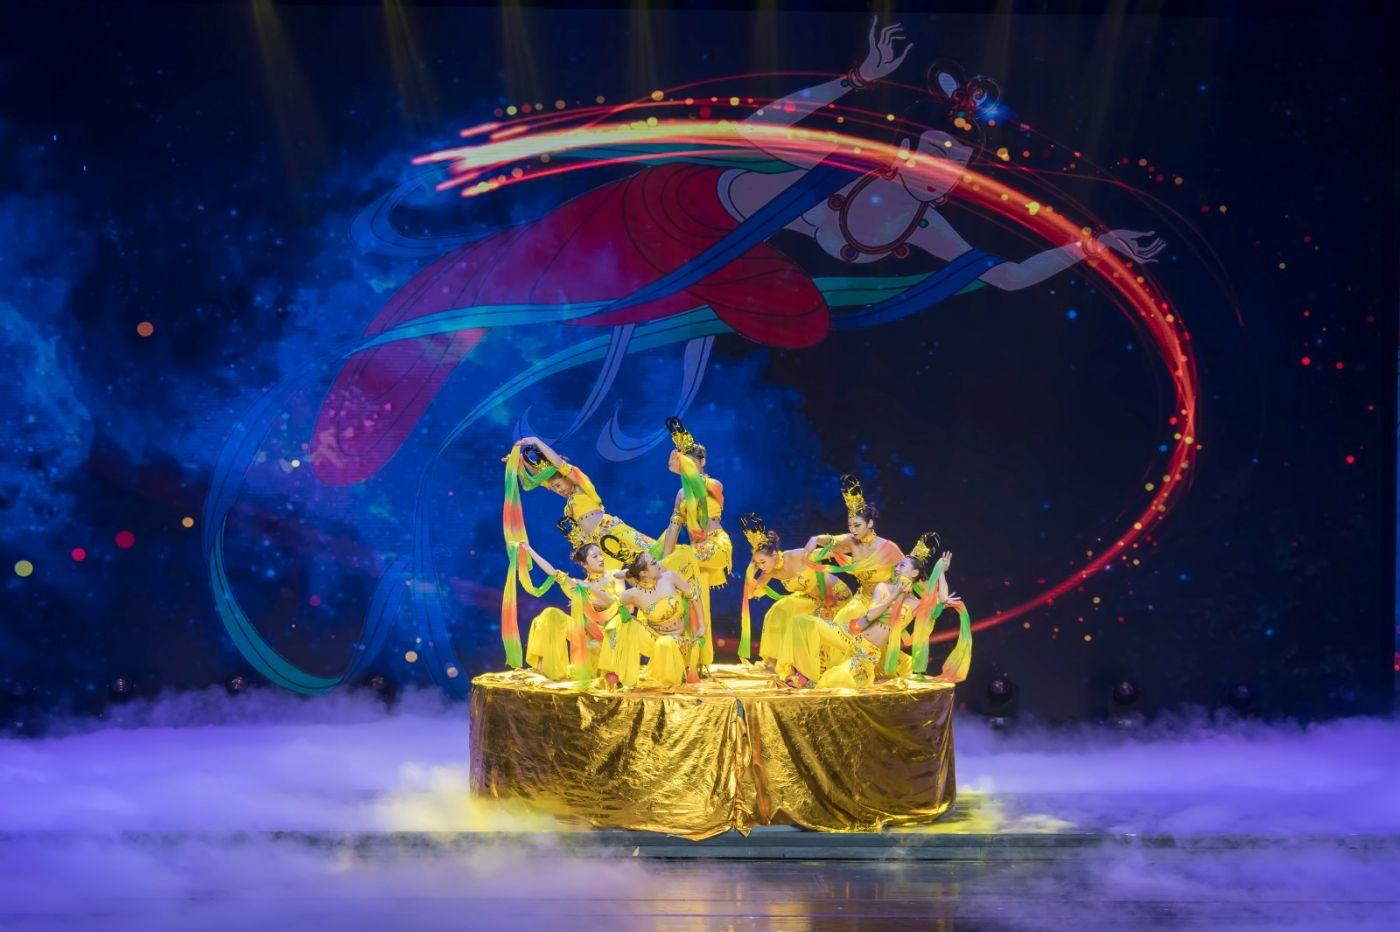 沂蒙大地上 有一种舞蹈叫飞天 这是几位临沂女孩的杰作 美轮美奂 ..._图1-61